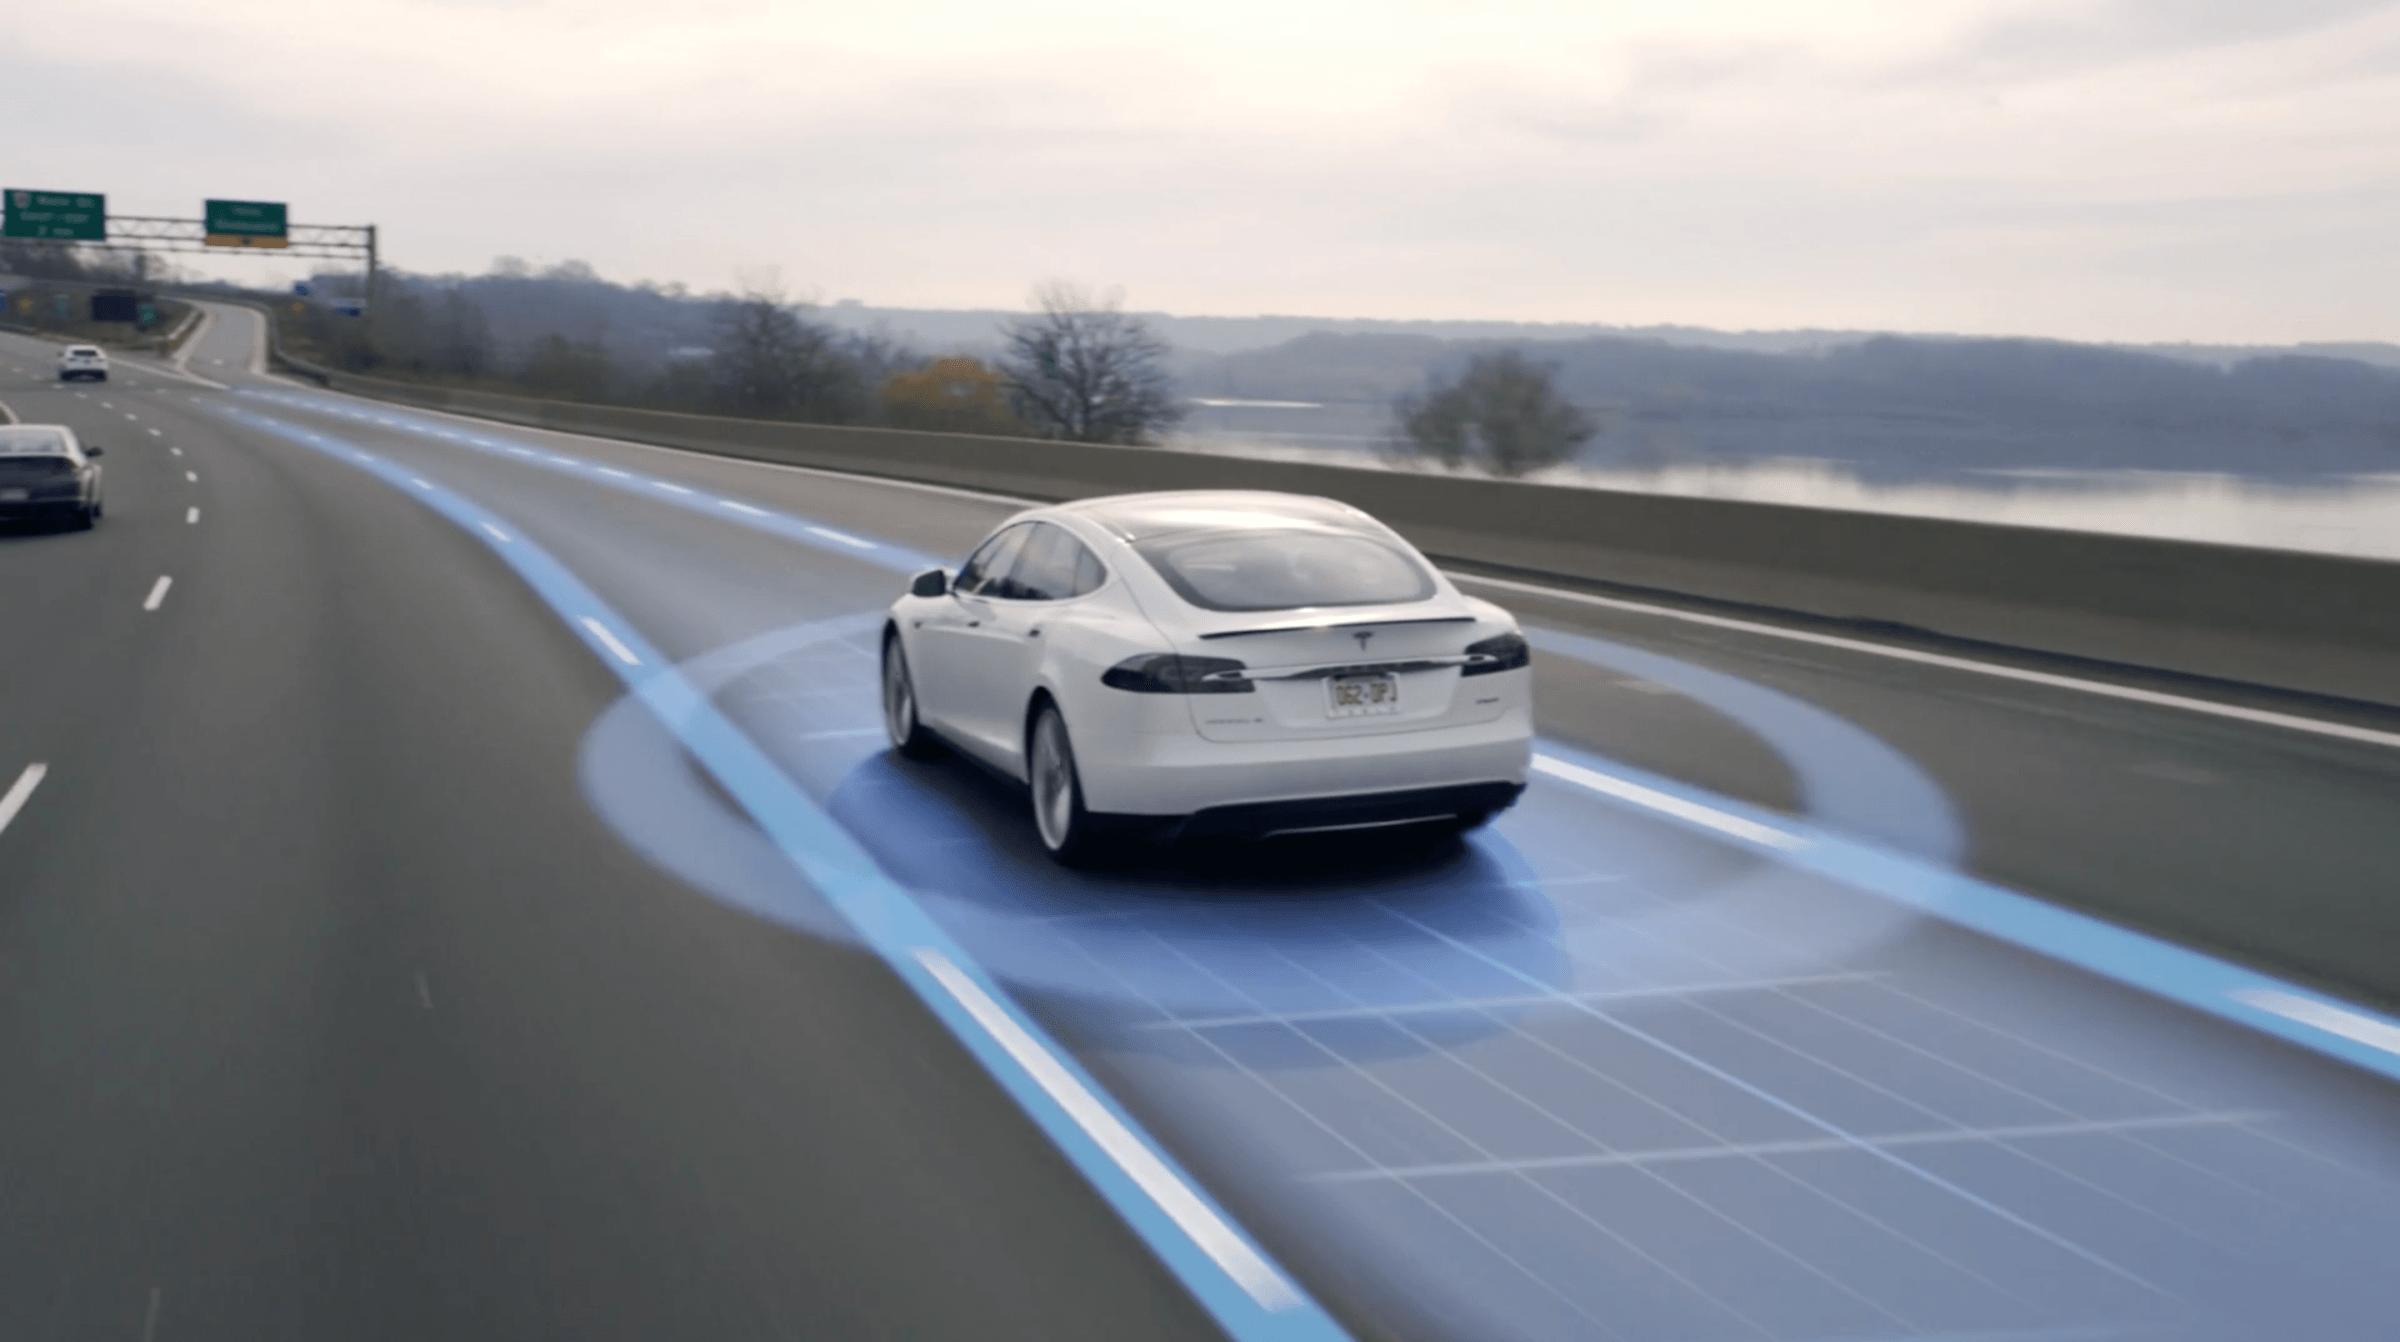 Tesla rozpoczyna testy nowego autopilota. Zacznie od swoich pracowników 22